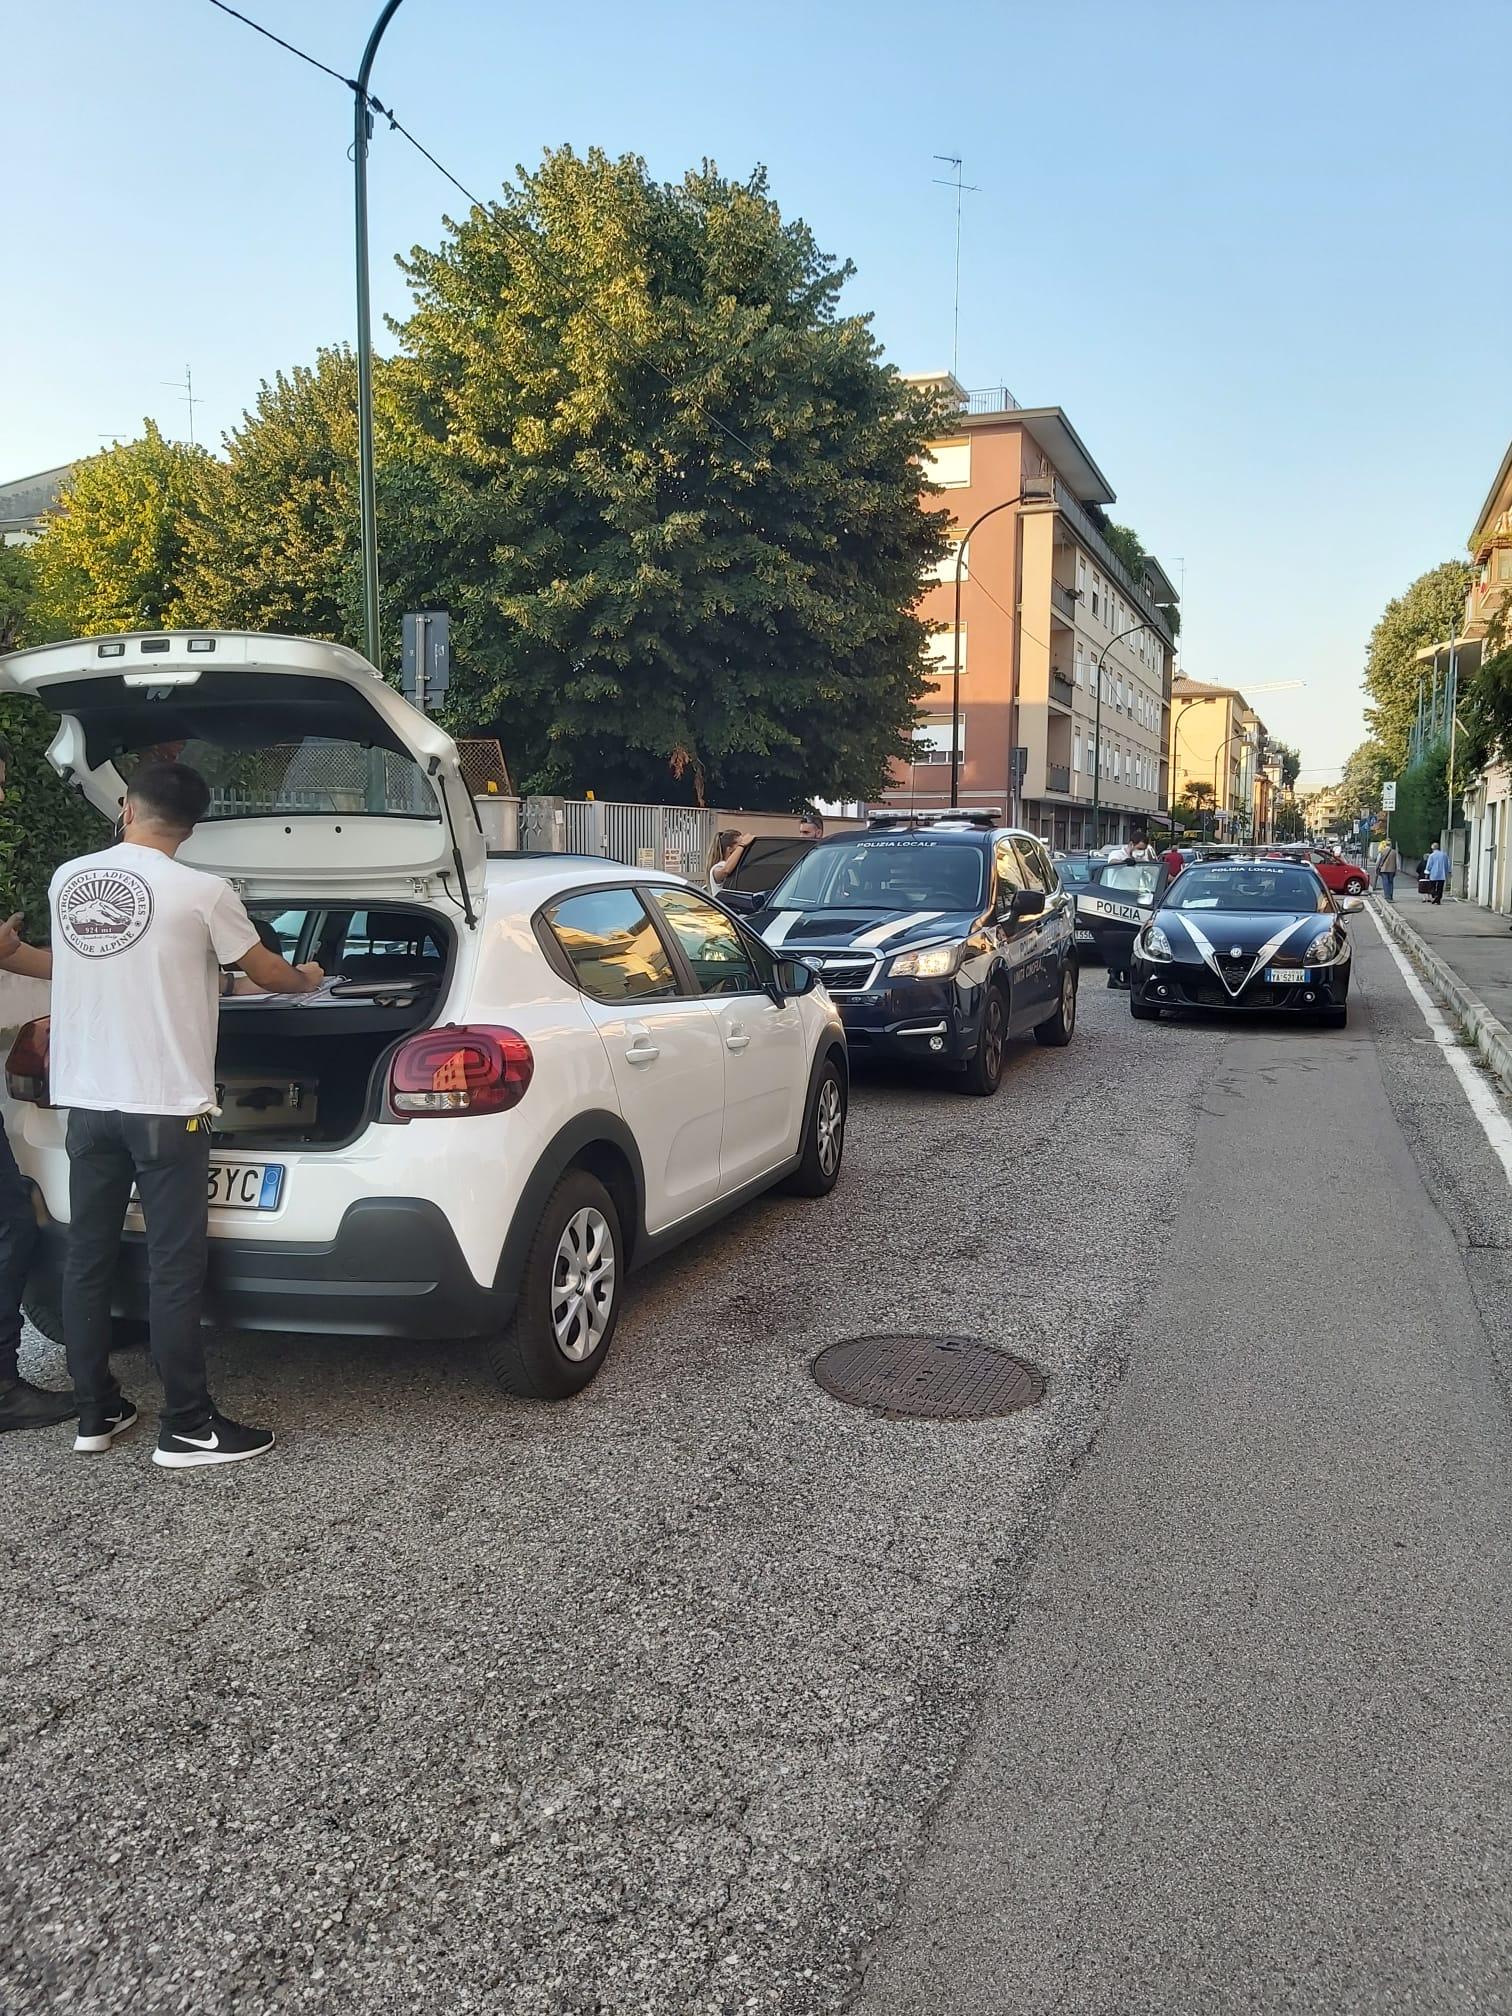 Tossicodipendente trevigiano fermato a Mestre: multa di 450 euro e daspo urbano